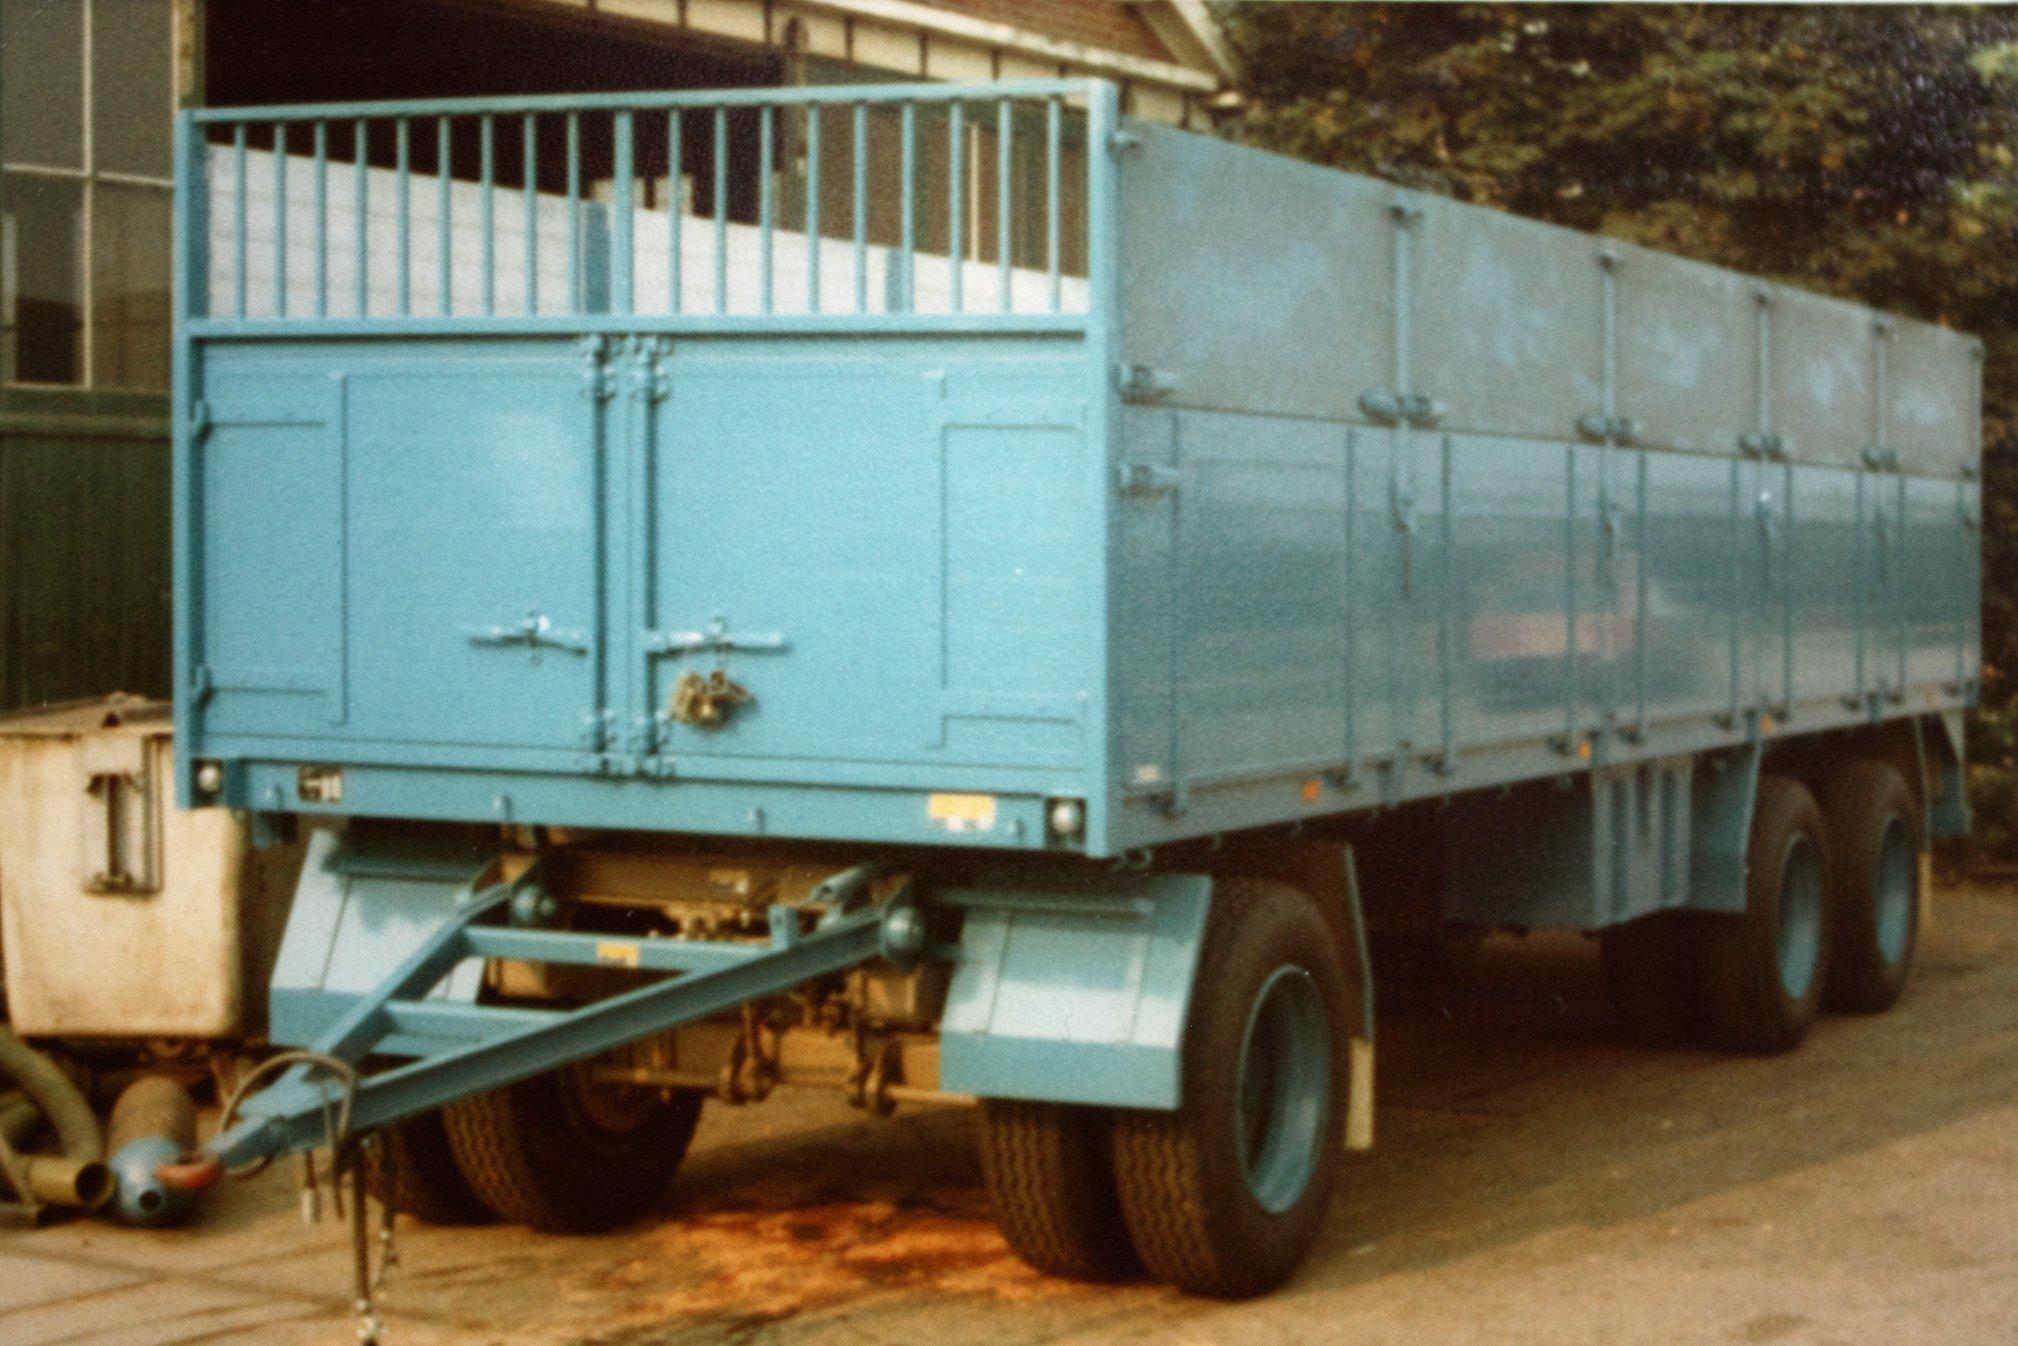 combinatie-truck-met-aanhangwagen-voor-bietenvervoer-en-deze-oplegger-is-gebouwd-door-Rondaan-voor-Transportbedrijf-Althusius-in-Tzummarum-1